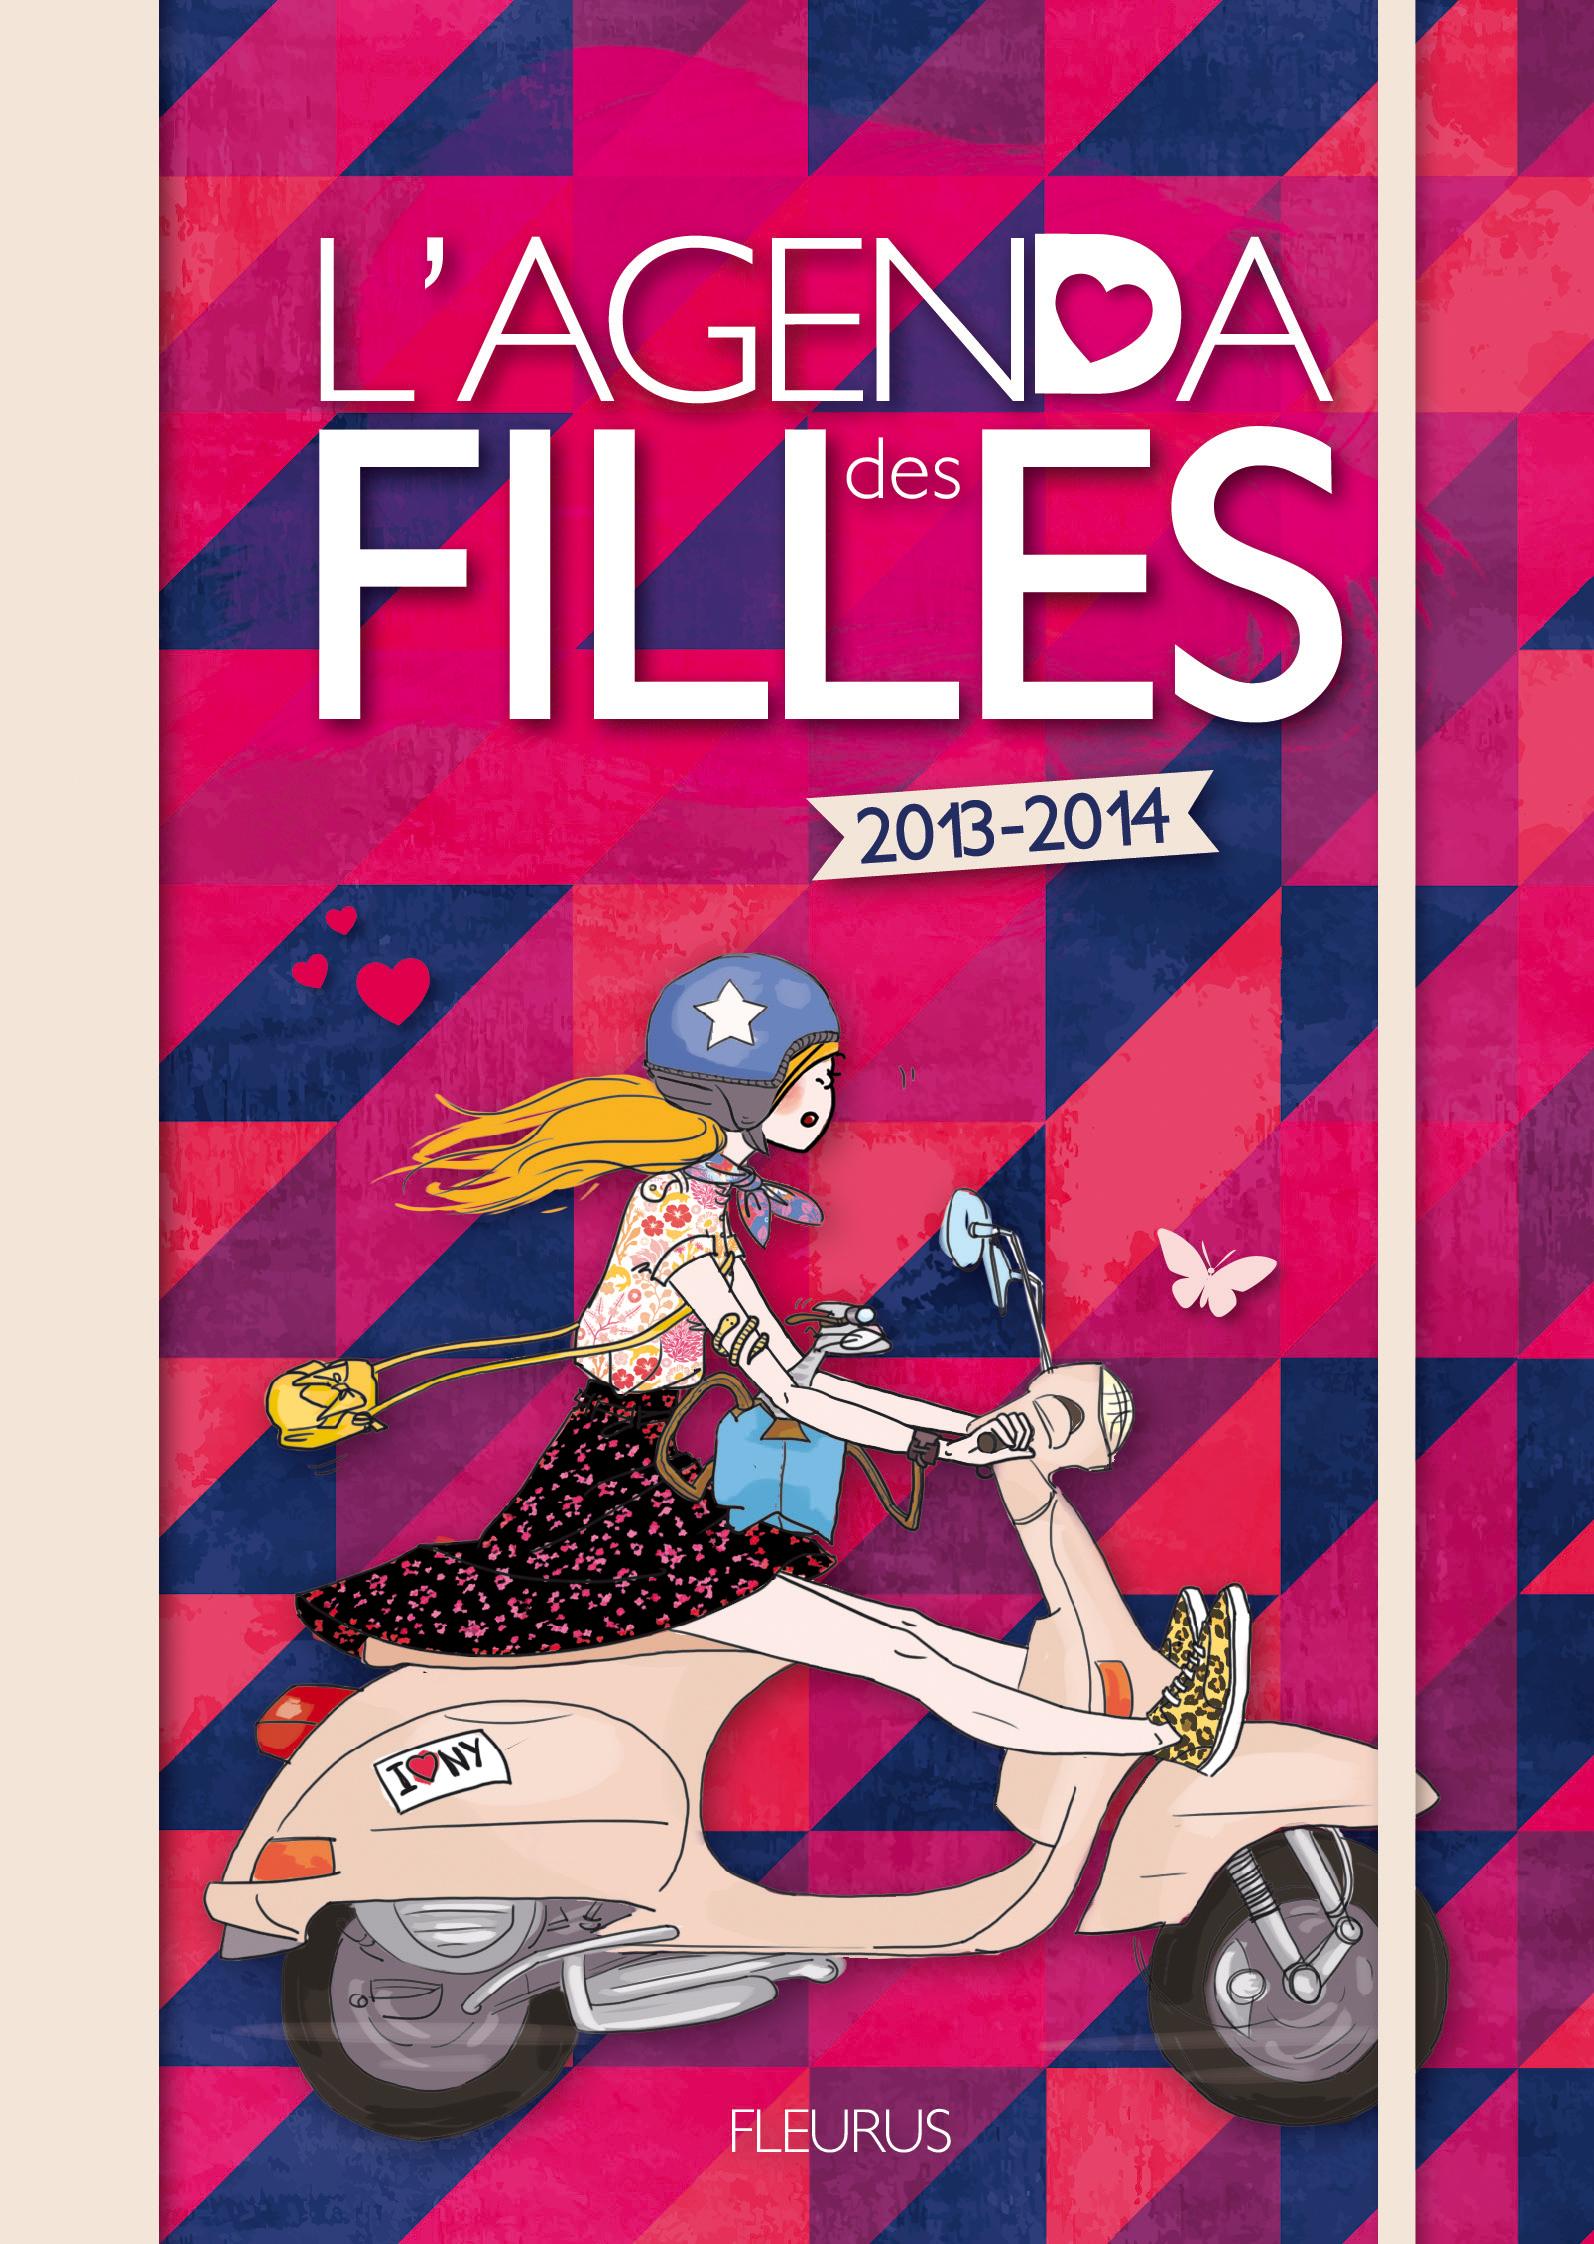 L'AGENDA DES FILLES 2013-2014